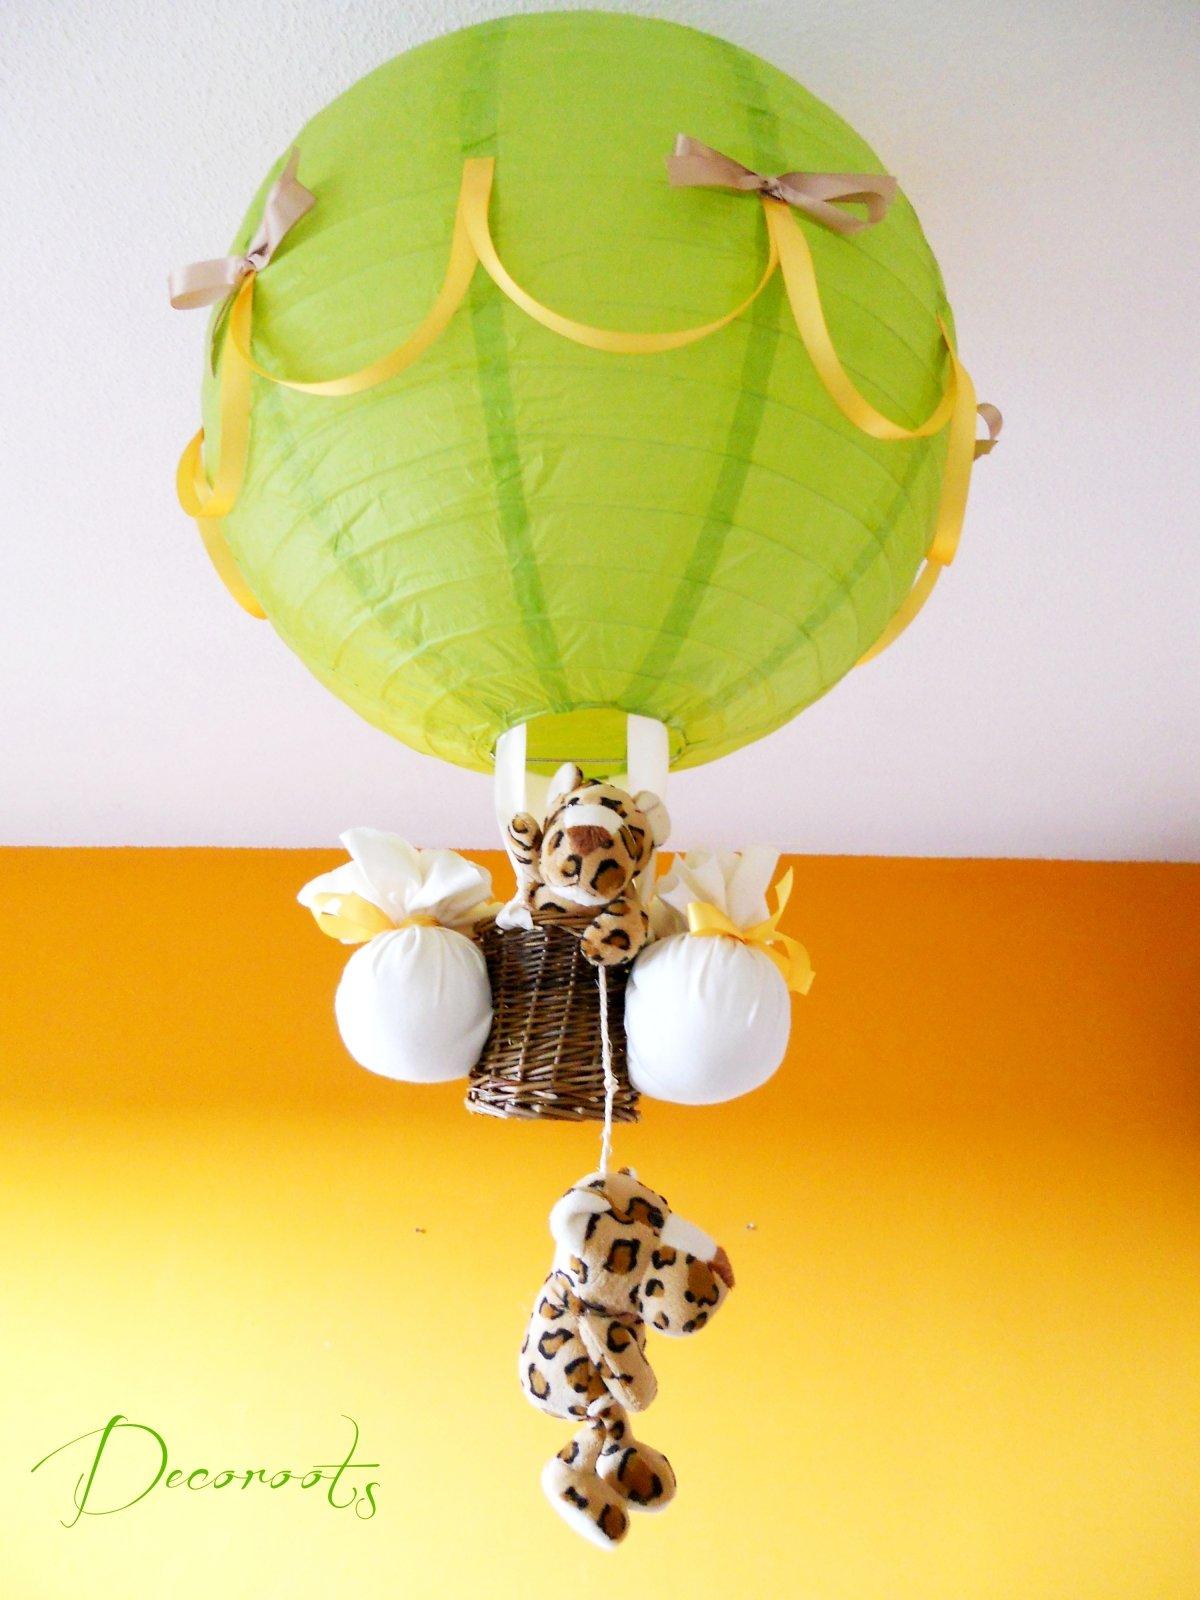 lampe montgolfi re enfant b b l opard vert anis jaune et marron noisette enfant b b. Black Bedroom Furniture Sets. Home Design Ideas